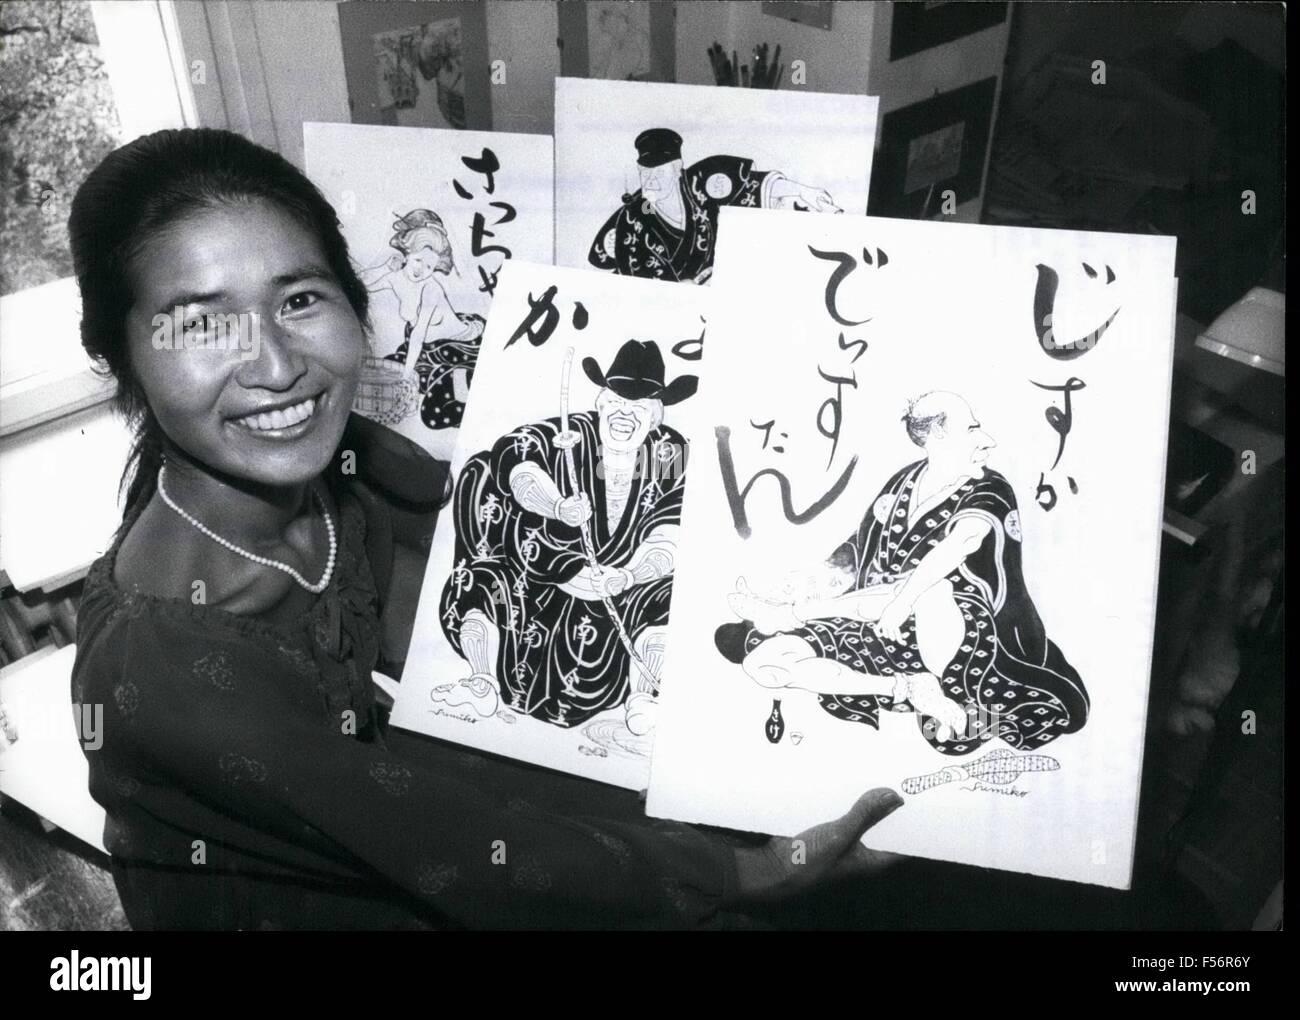 1979 - Bilder von japanischen auf der Suche nach europäischen und amerikanischen Politikern: inspiriert von Stockbild